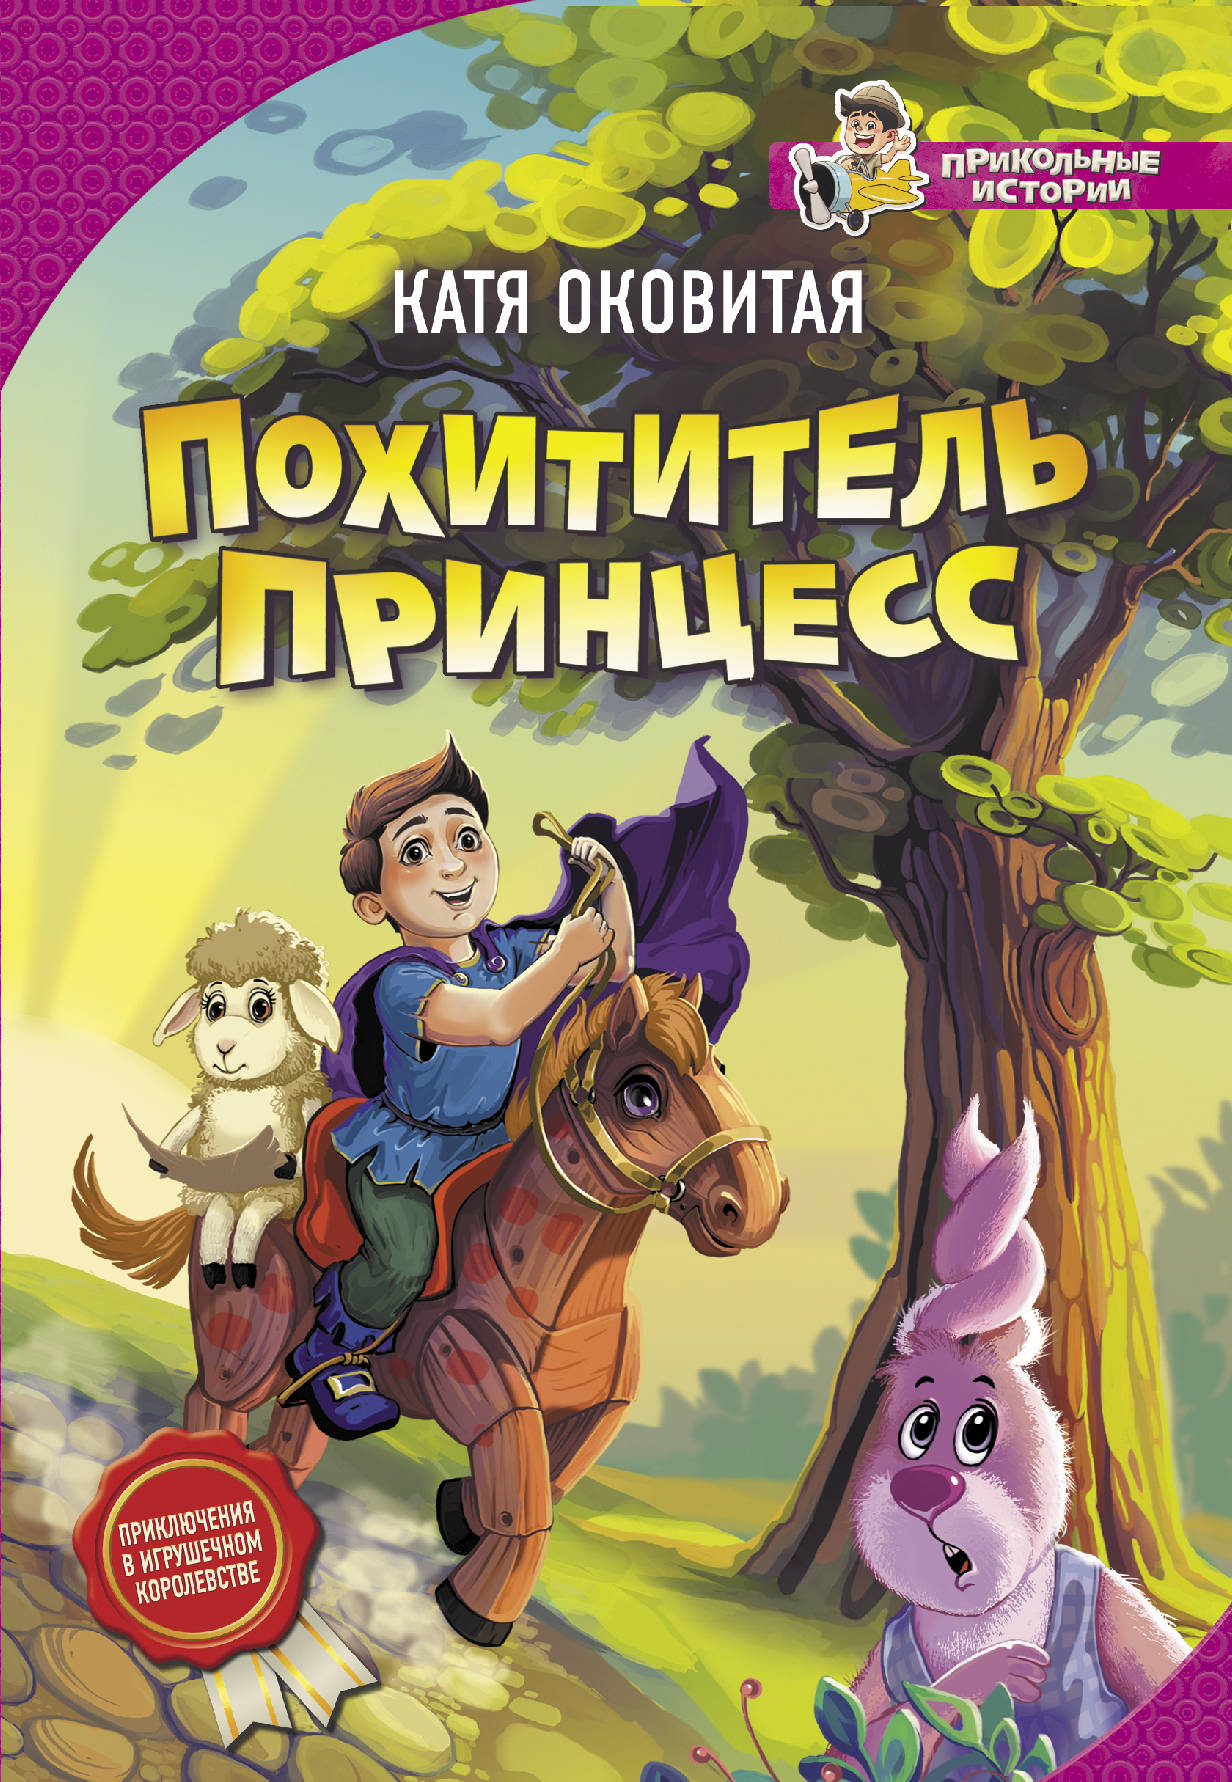 Фото - Катя Оковитая Похититель принцесс катя оковитая похититель принцесс isbn 978 5 17 109977 0